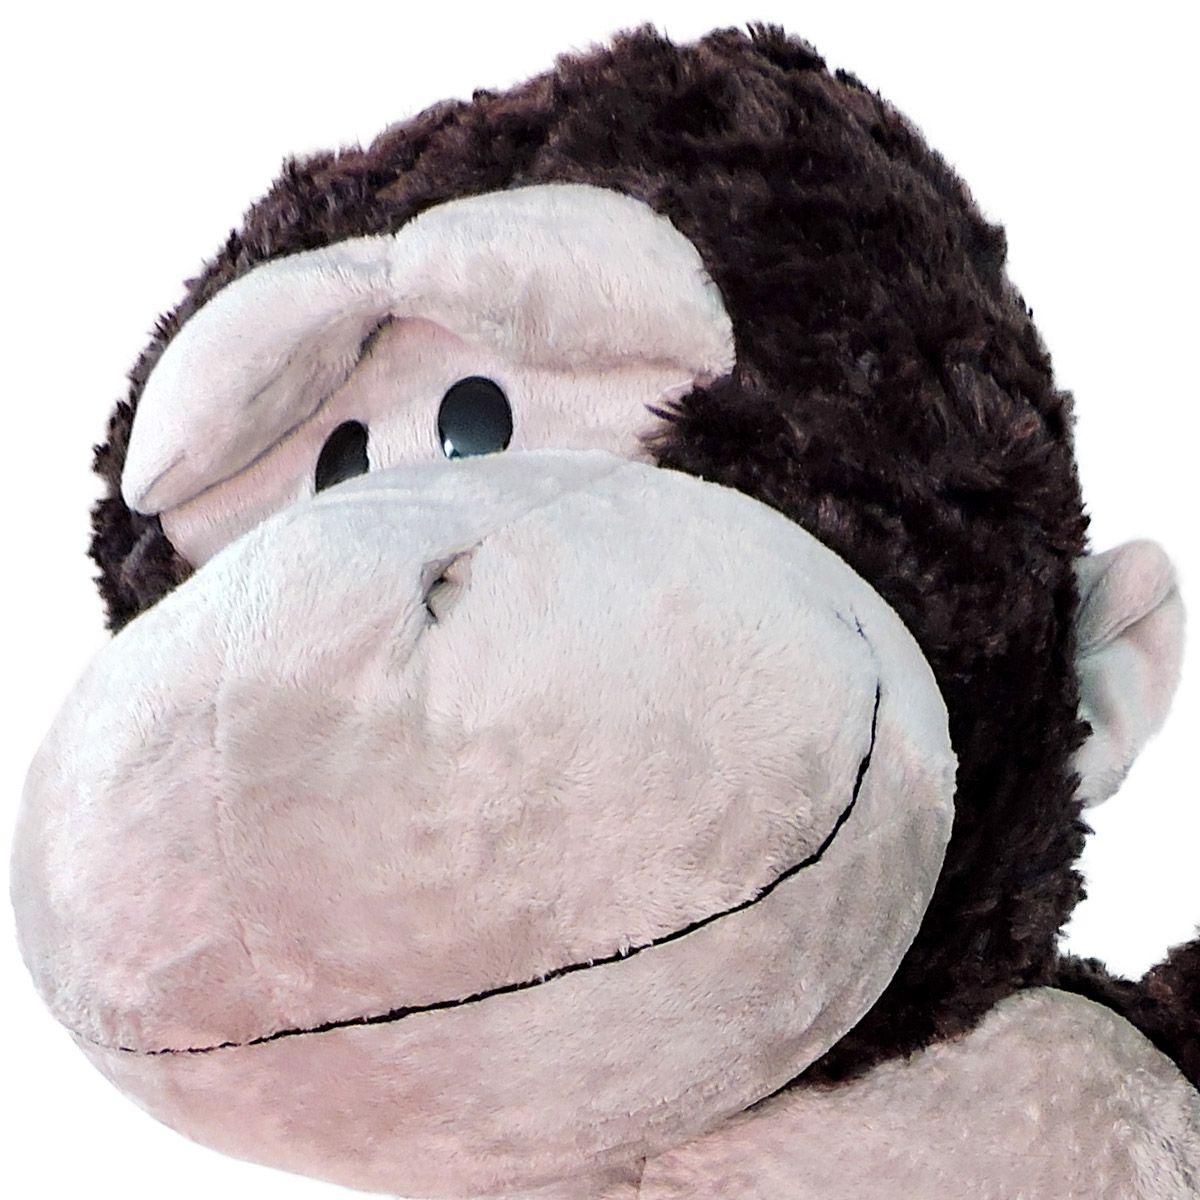 Gorila de Pelúcia Macia Grande 77 cm  Importado